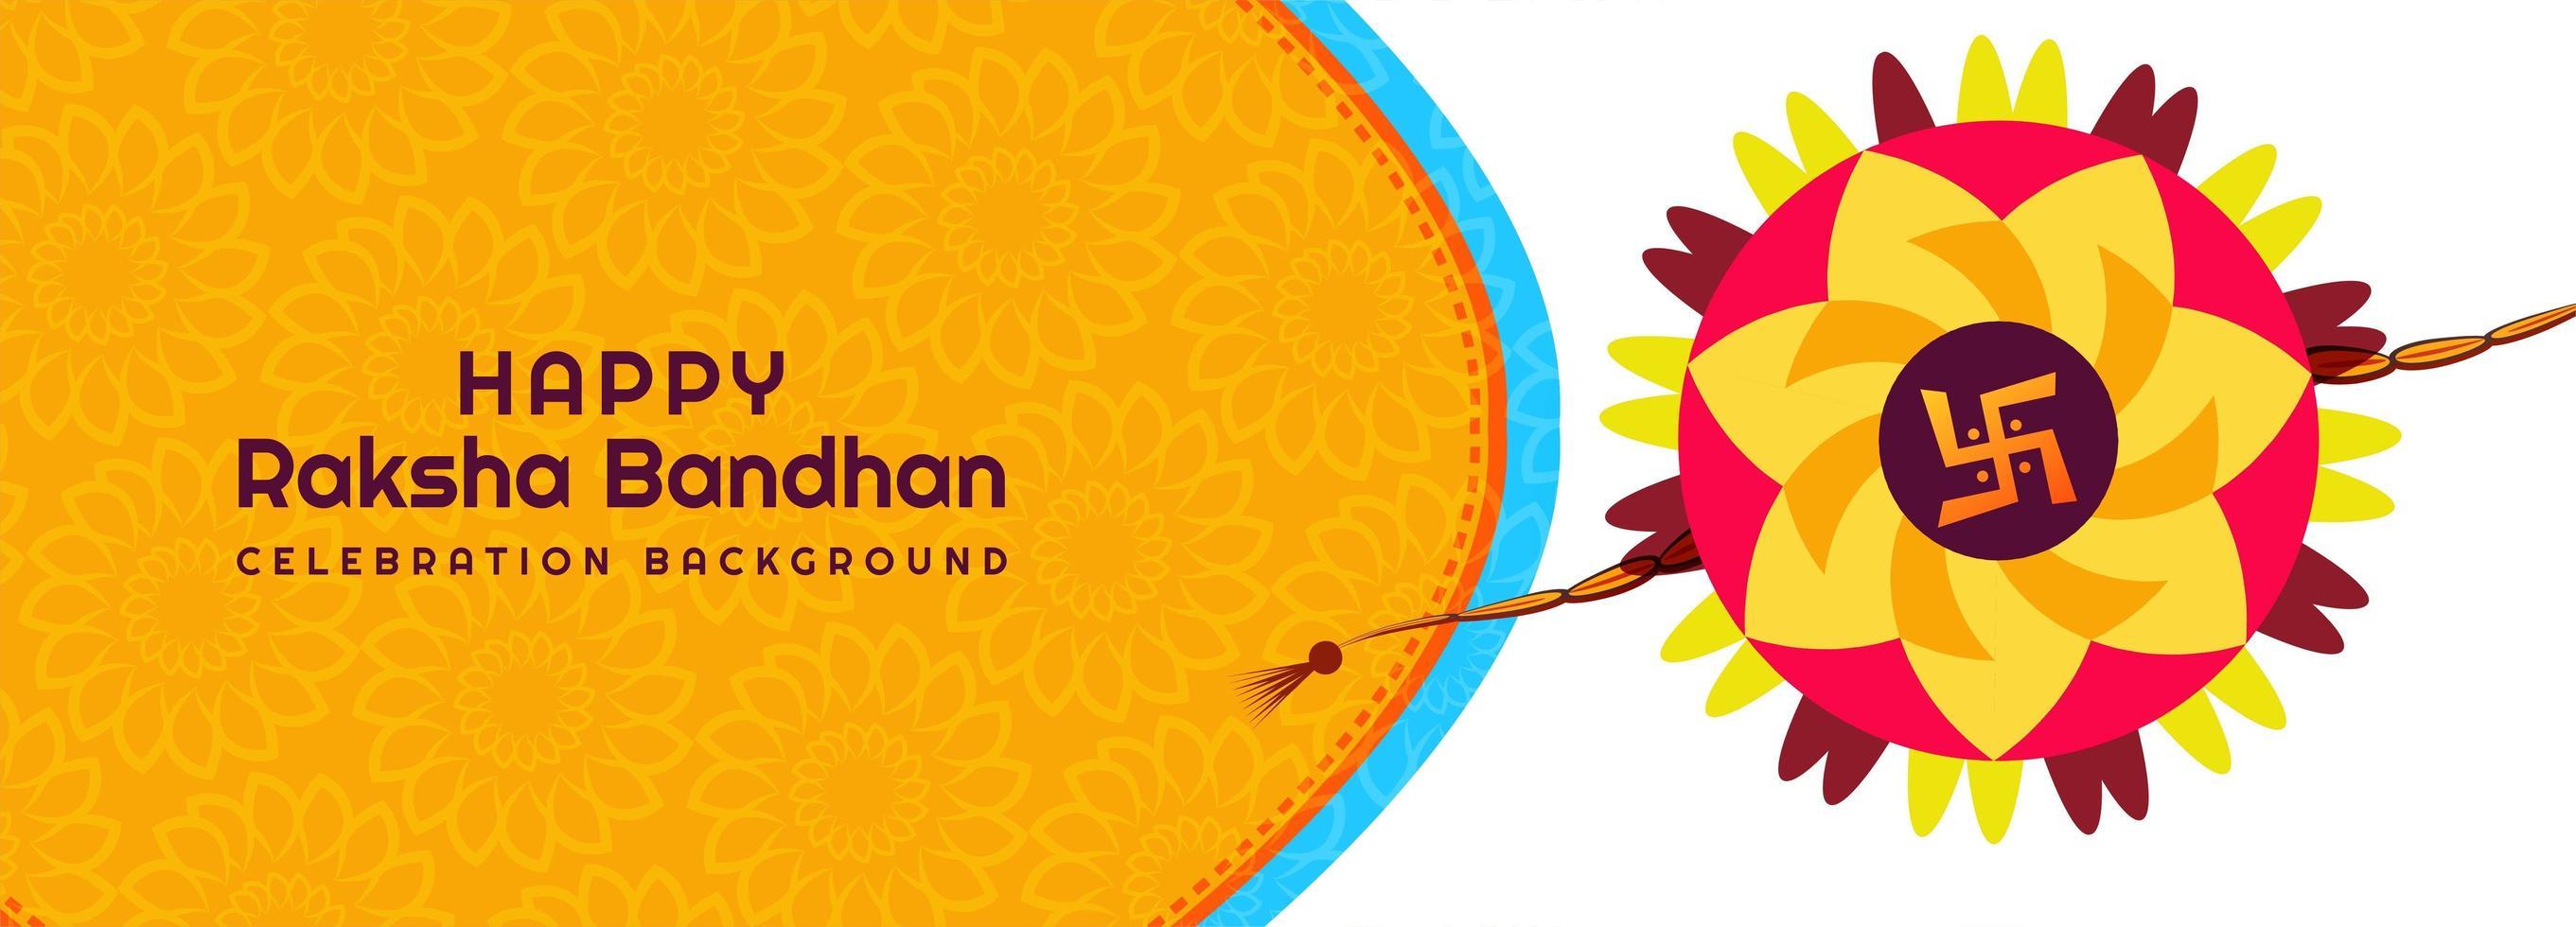 felice raksha bandhan festival banner sfondo vettore